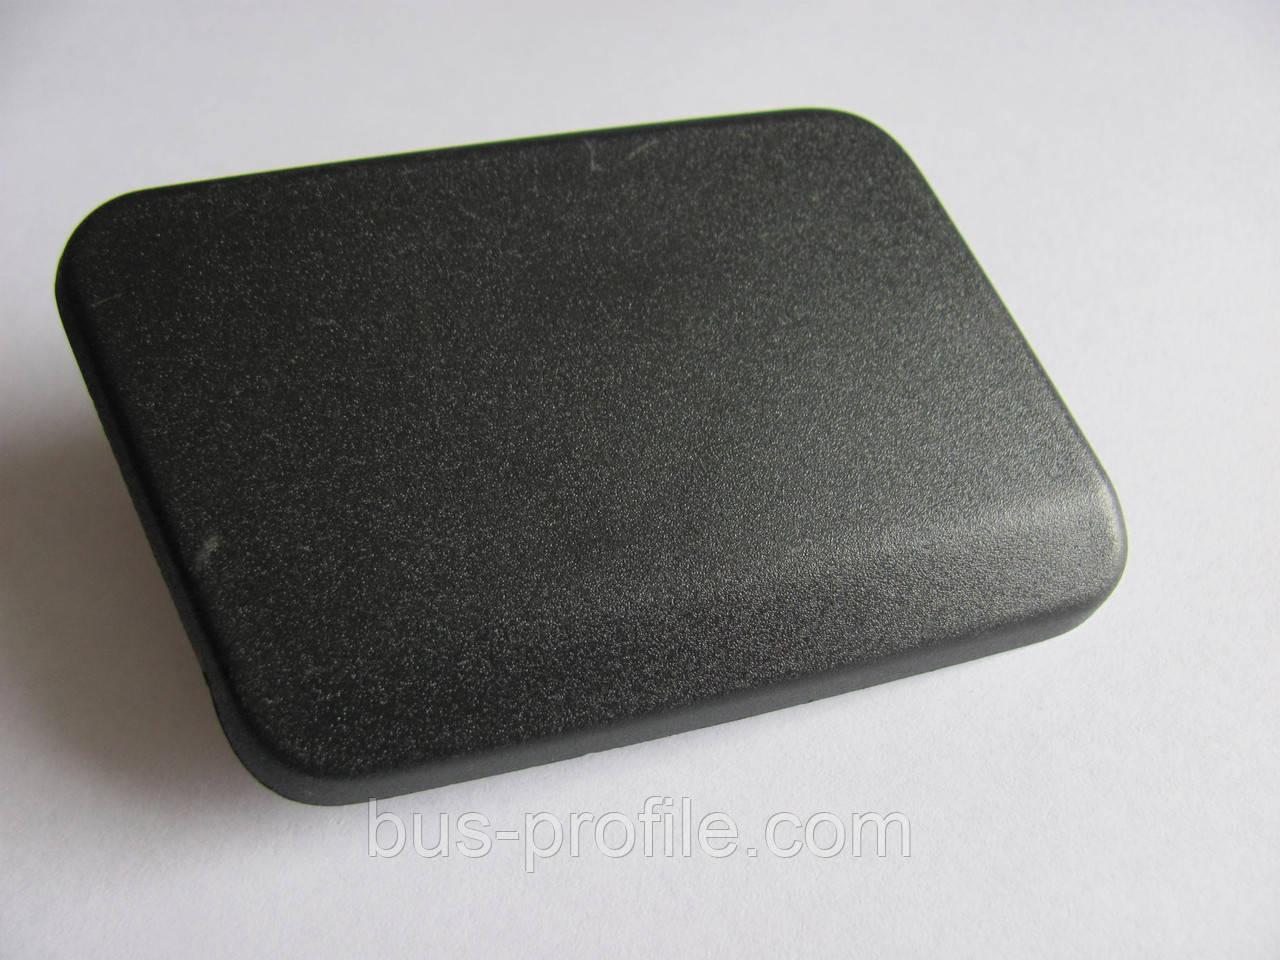 Крышка форсунки омывателя фары (R) на MB Sprinter 906 2006→ — Mercedes Original — 9068690108